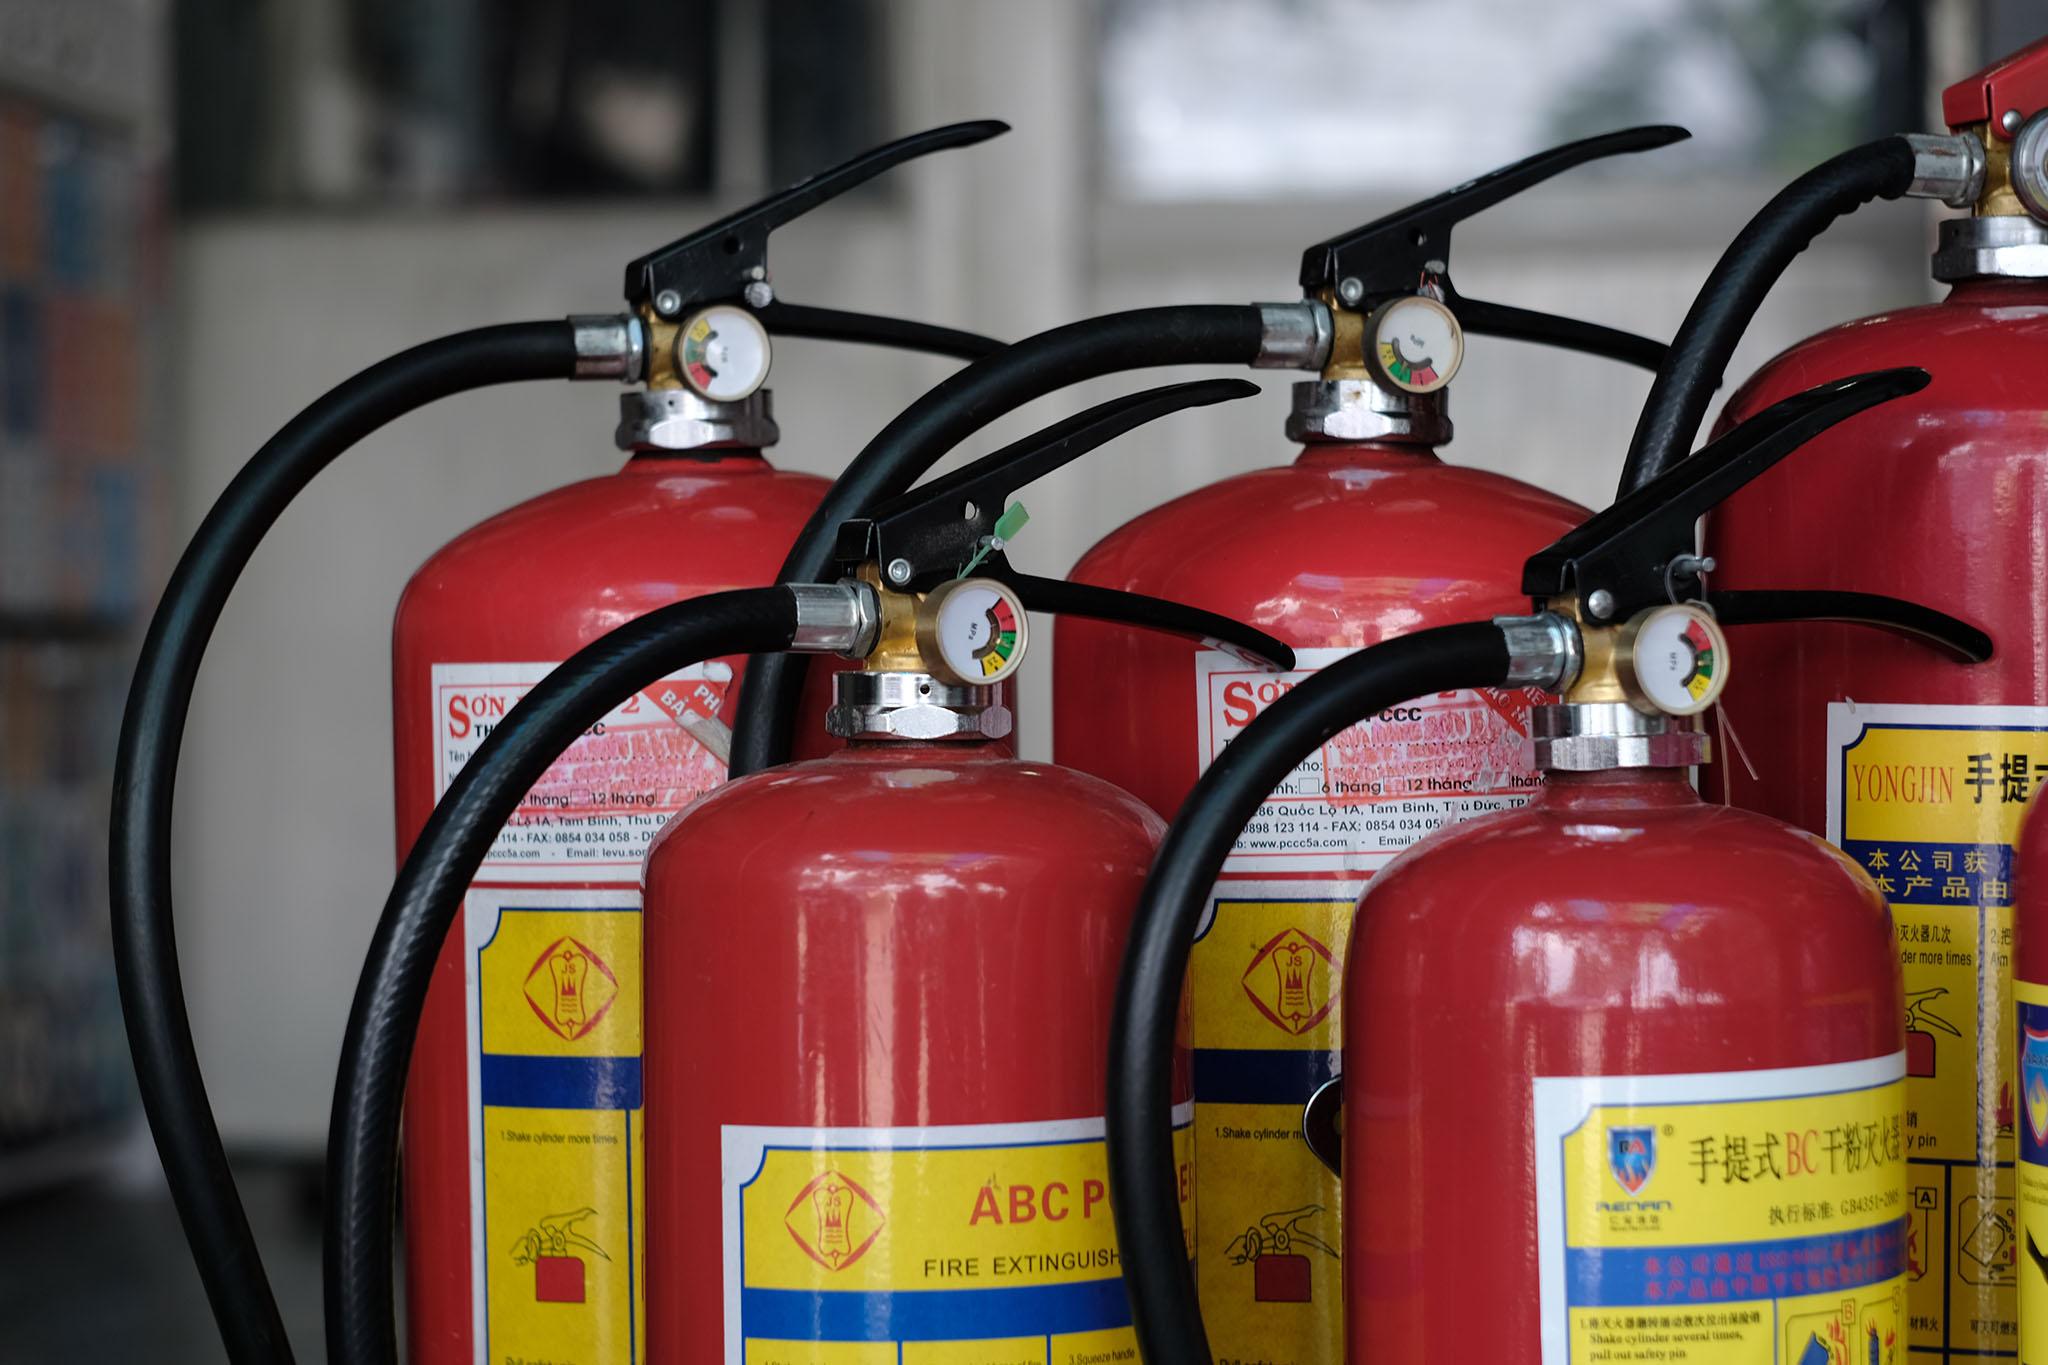 Tổng đại lý bình chữa cháy tại Lâm Đồng chính hãng